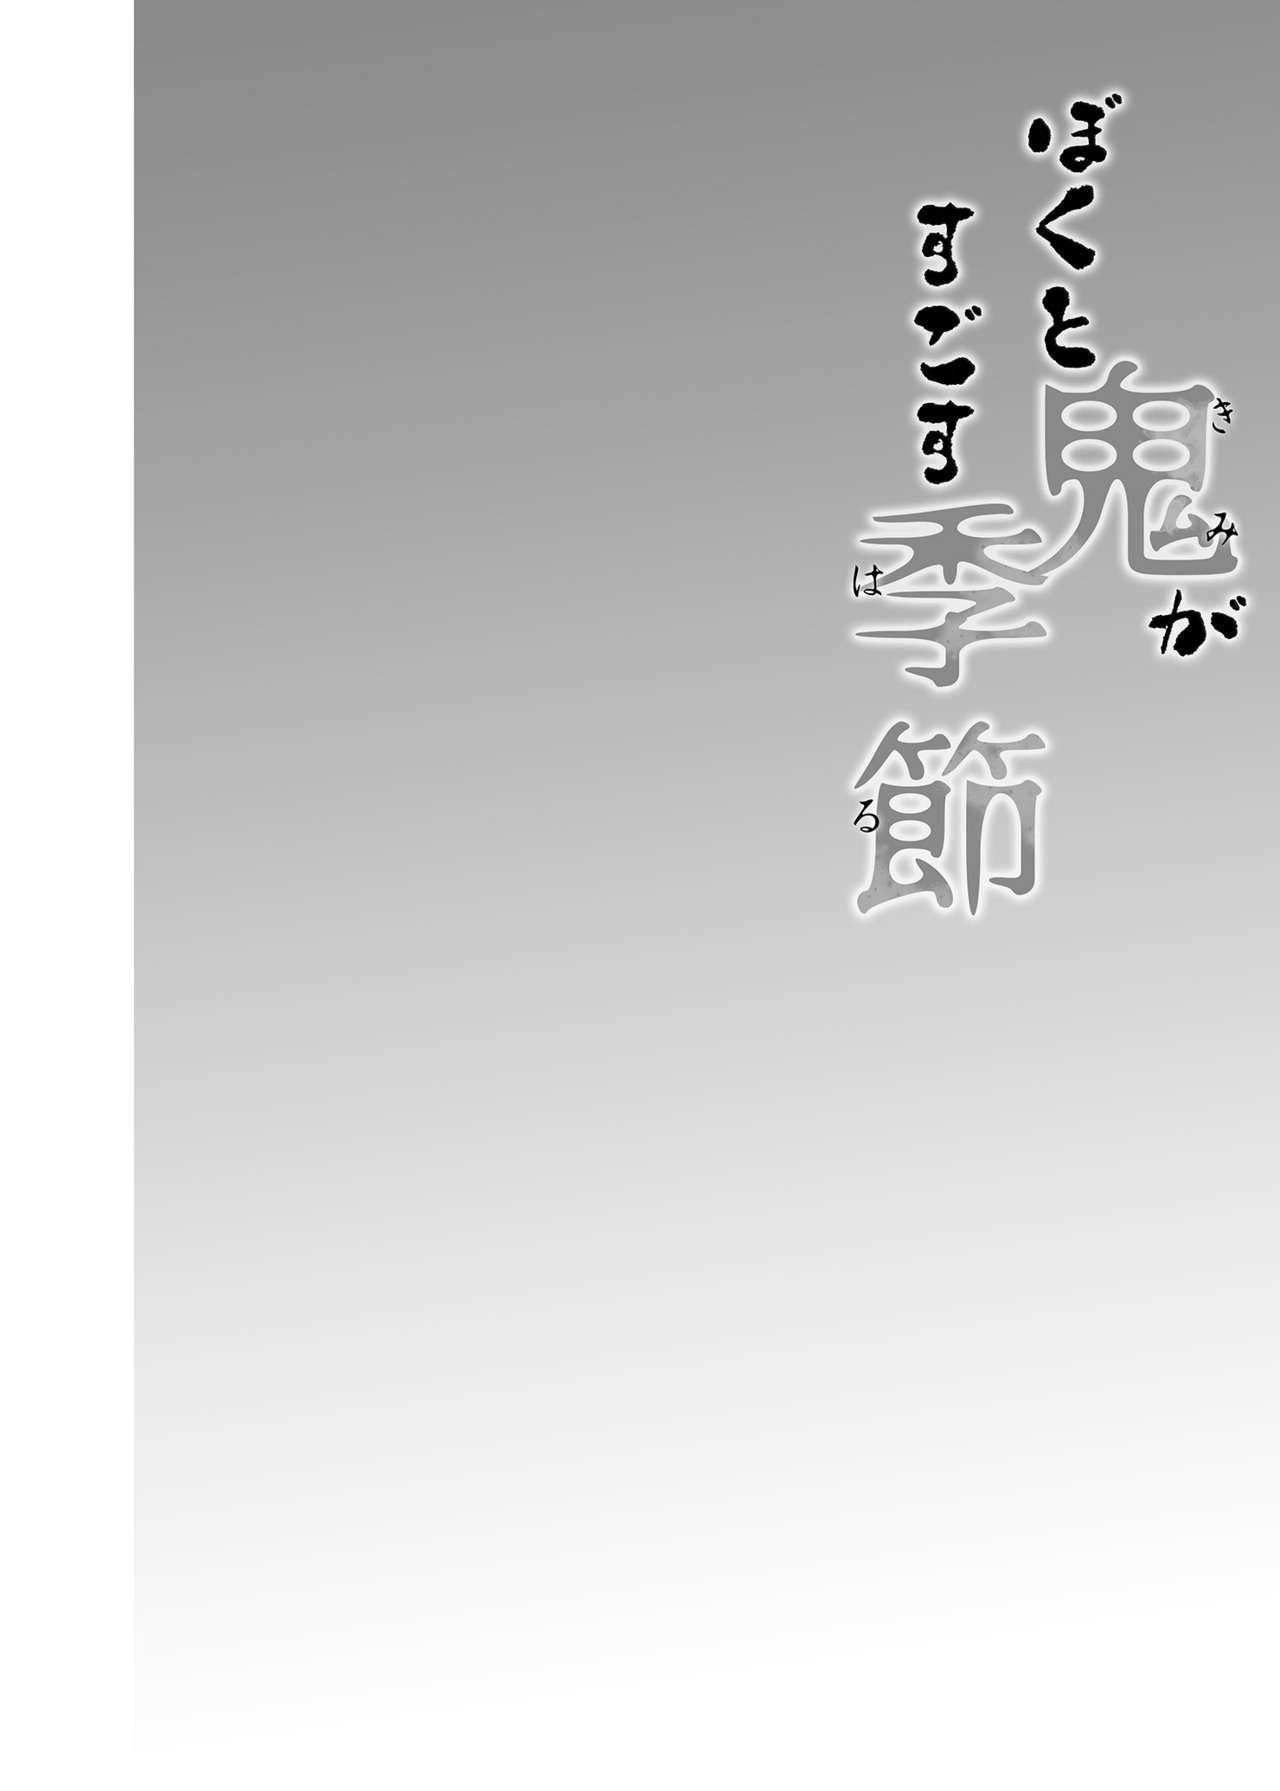 Boku to Kimi ga Sugosu Haru 5